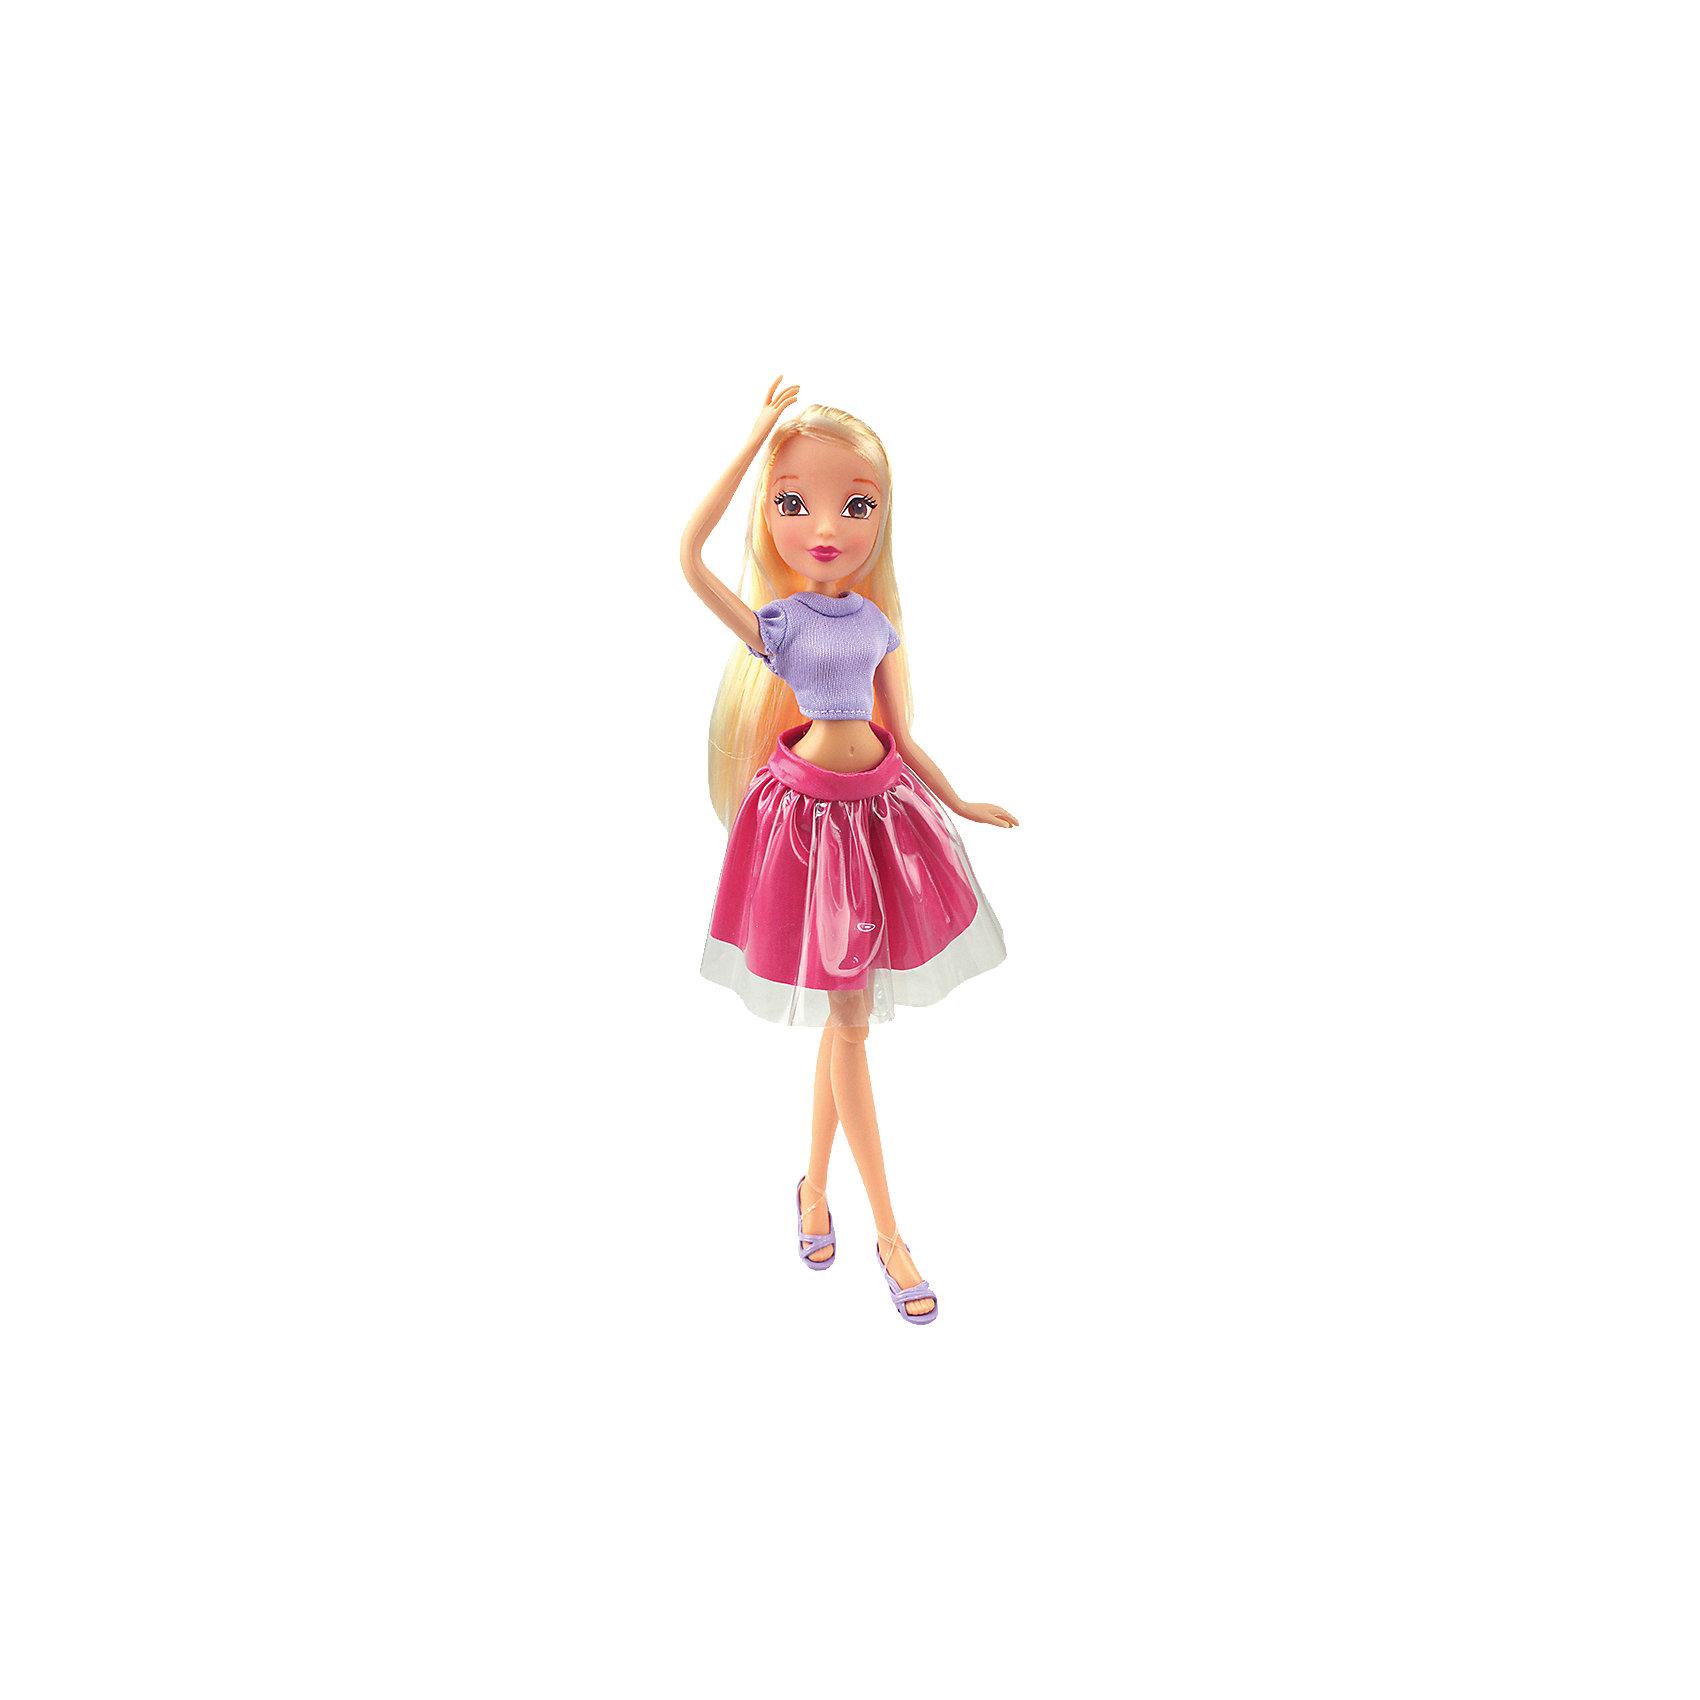 Кукла Стелла Городская магия-2, Winx ClubКуклы-модели<br>Характеристики товара:<br><br>• возраст: от 3 лет;<br>• материал: пластик, текстиль;<br>• в комплекте: кукла, наряд, крылья;<br>• высота куклы: 27 см;<br>• размер упаковки: 25х15х10 см;<br>• вес упаковки: 220 гр.;<br>• страна производитель: Китай.<br><br>Кукла Стелла «Городская магия-2» Winx Club создана по мотивам известного мультсериала «Клуб Винкс: Школа волшебниц» про очаровательных фей-волшебниц. Стелла — лучшая подруга главной героини Блум, с которой она любит смотреть комедии, устраивать вечеринки и ходить по магазинам. <br><br>У феи выразительные карие глаза и мягкие светлые волосы, которые можно расчесывать, заплетать и украшать. Одета Стелла в фиолетовый топ и розовую пышную юбку. У куклы несколько точек артикуляции. Руки сгибаются в локтях и плечах, ноги в бедрах и коленях. В комплекте крылышки для девочки на резинке, которые позволяет ей придумать себе волшебный образ на праздник или день рождение. <br><br>Куклу Стеллу «Городская магия-2» Winx Club можно приобрести в нашем интернет-магазине.<br><br>Ширина мм: 150<br>Глубина мм: 250<br>Высота мм: 100<br>Вес г: 25<br>Возраст от месяцев: 36<br>Возраст до месяцев: 2147483647<br>Пол: Женский<br>Возраст: Детский<br>SKU: 5532628